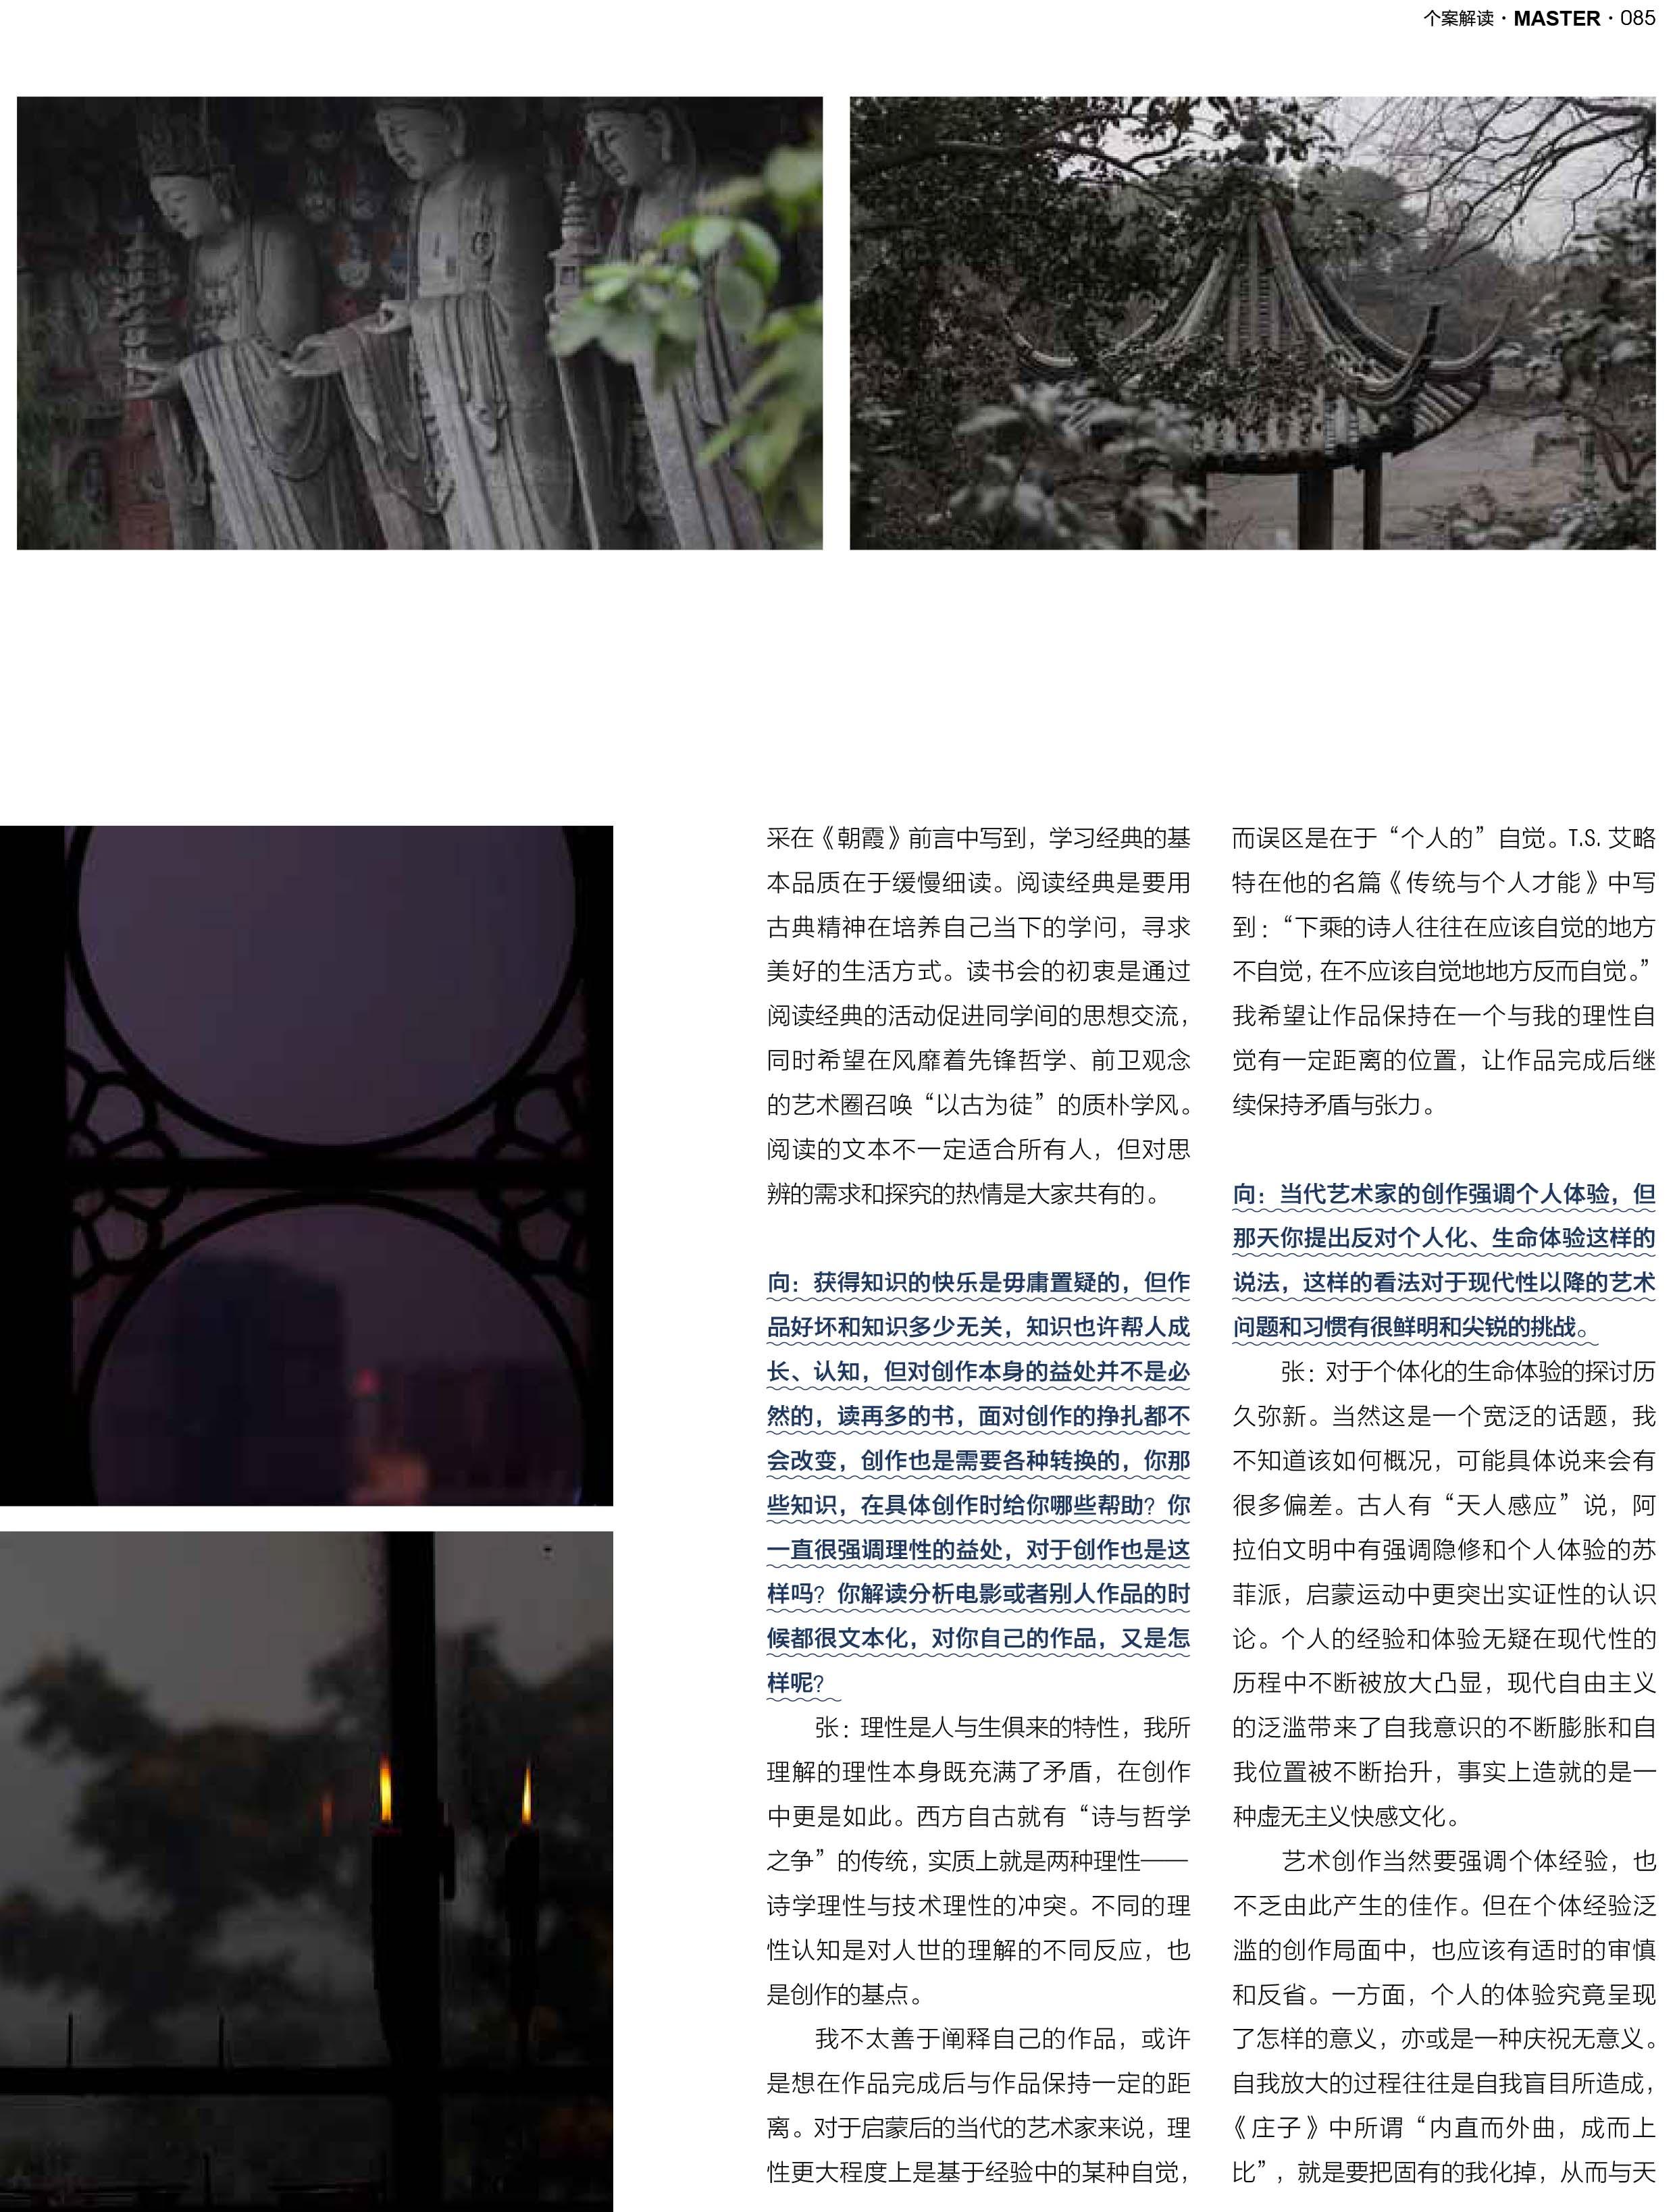 向京-东方艺术大家(张小迪)-6.jpg